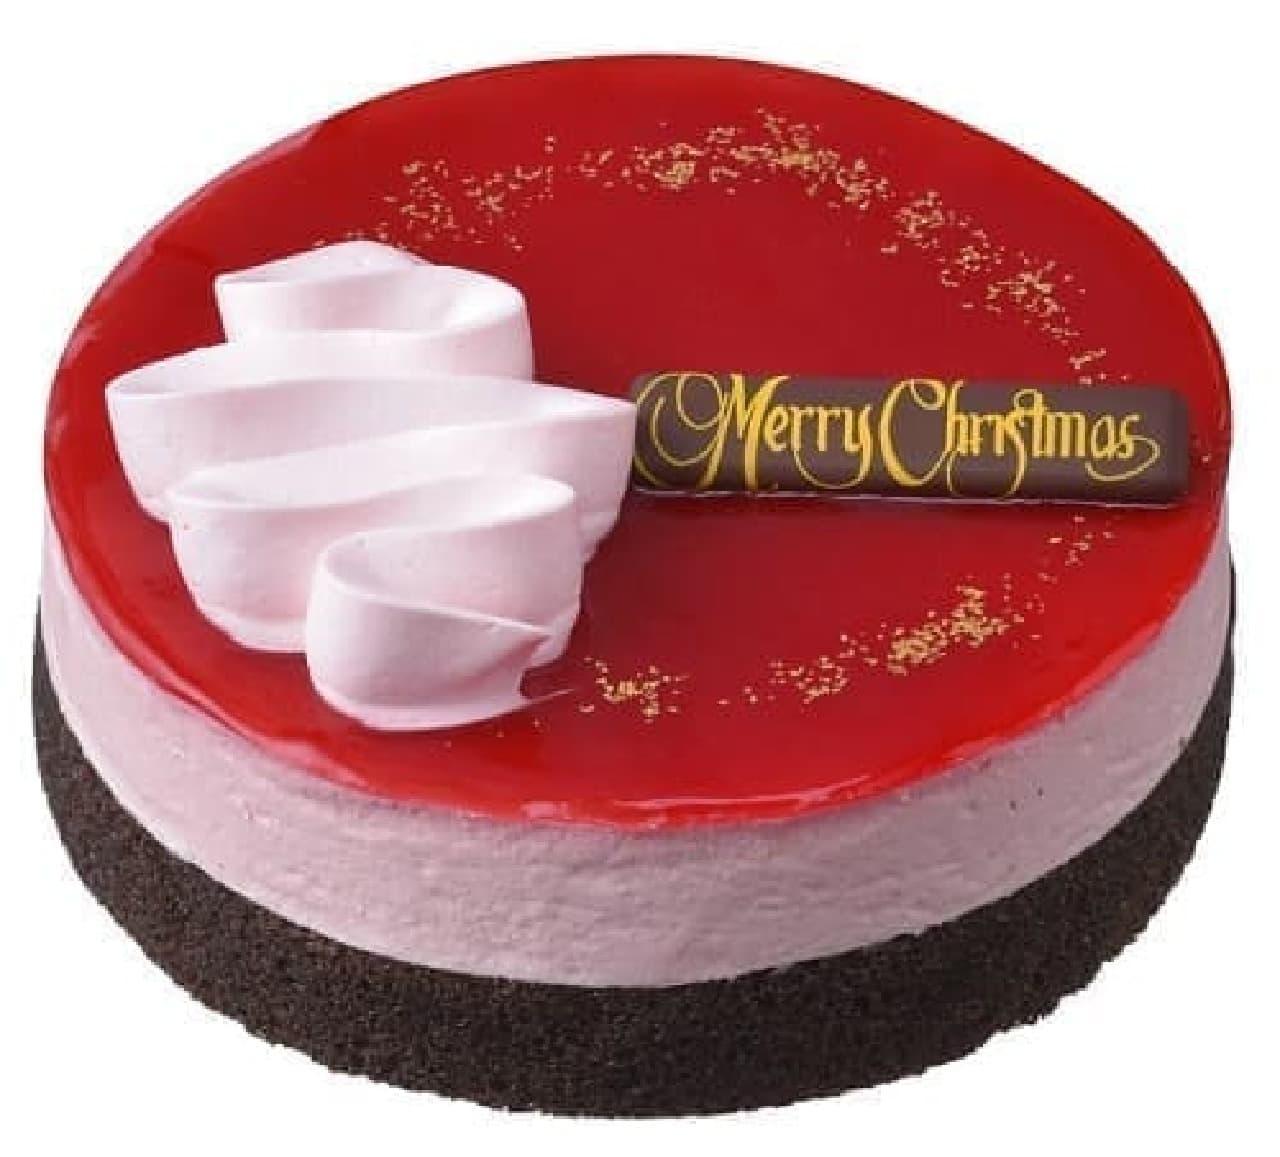 銀座コージーコーナー通販限定「クリスマスチョコレートケーキ(5号)」